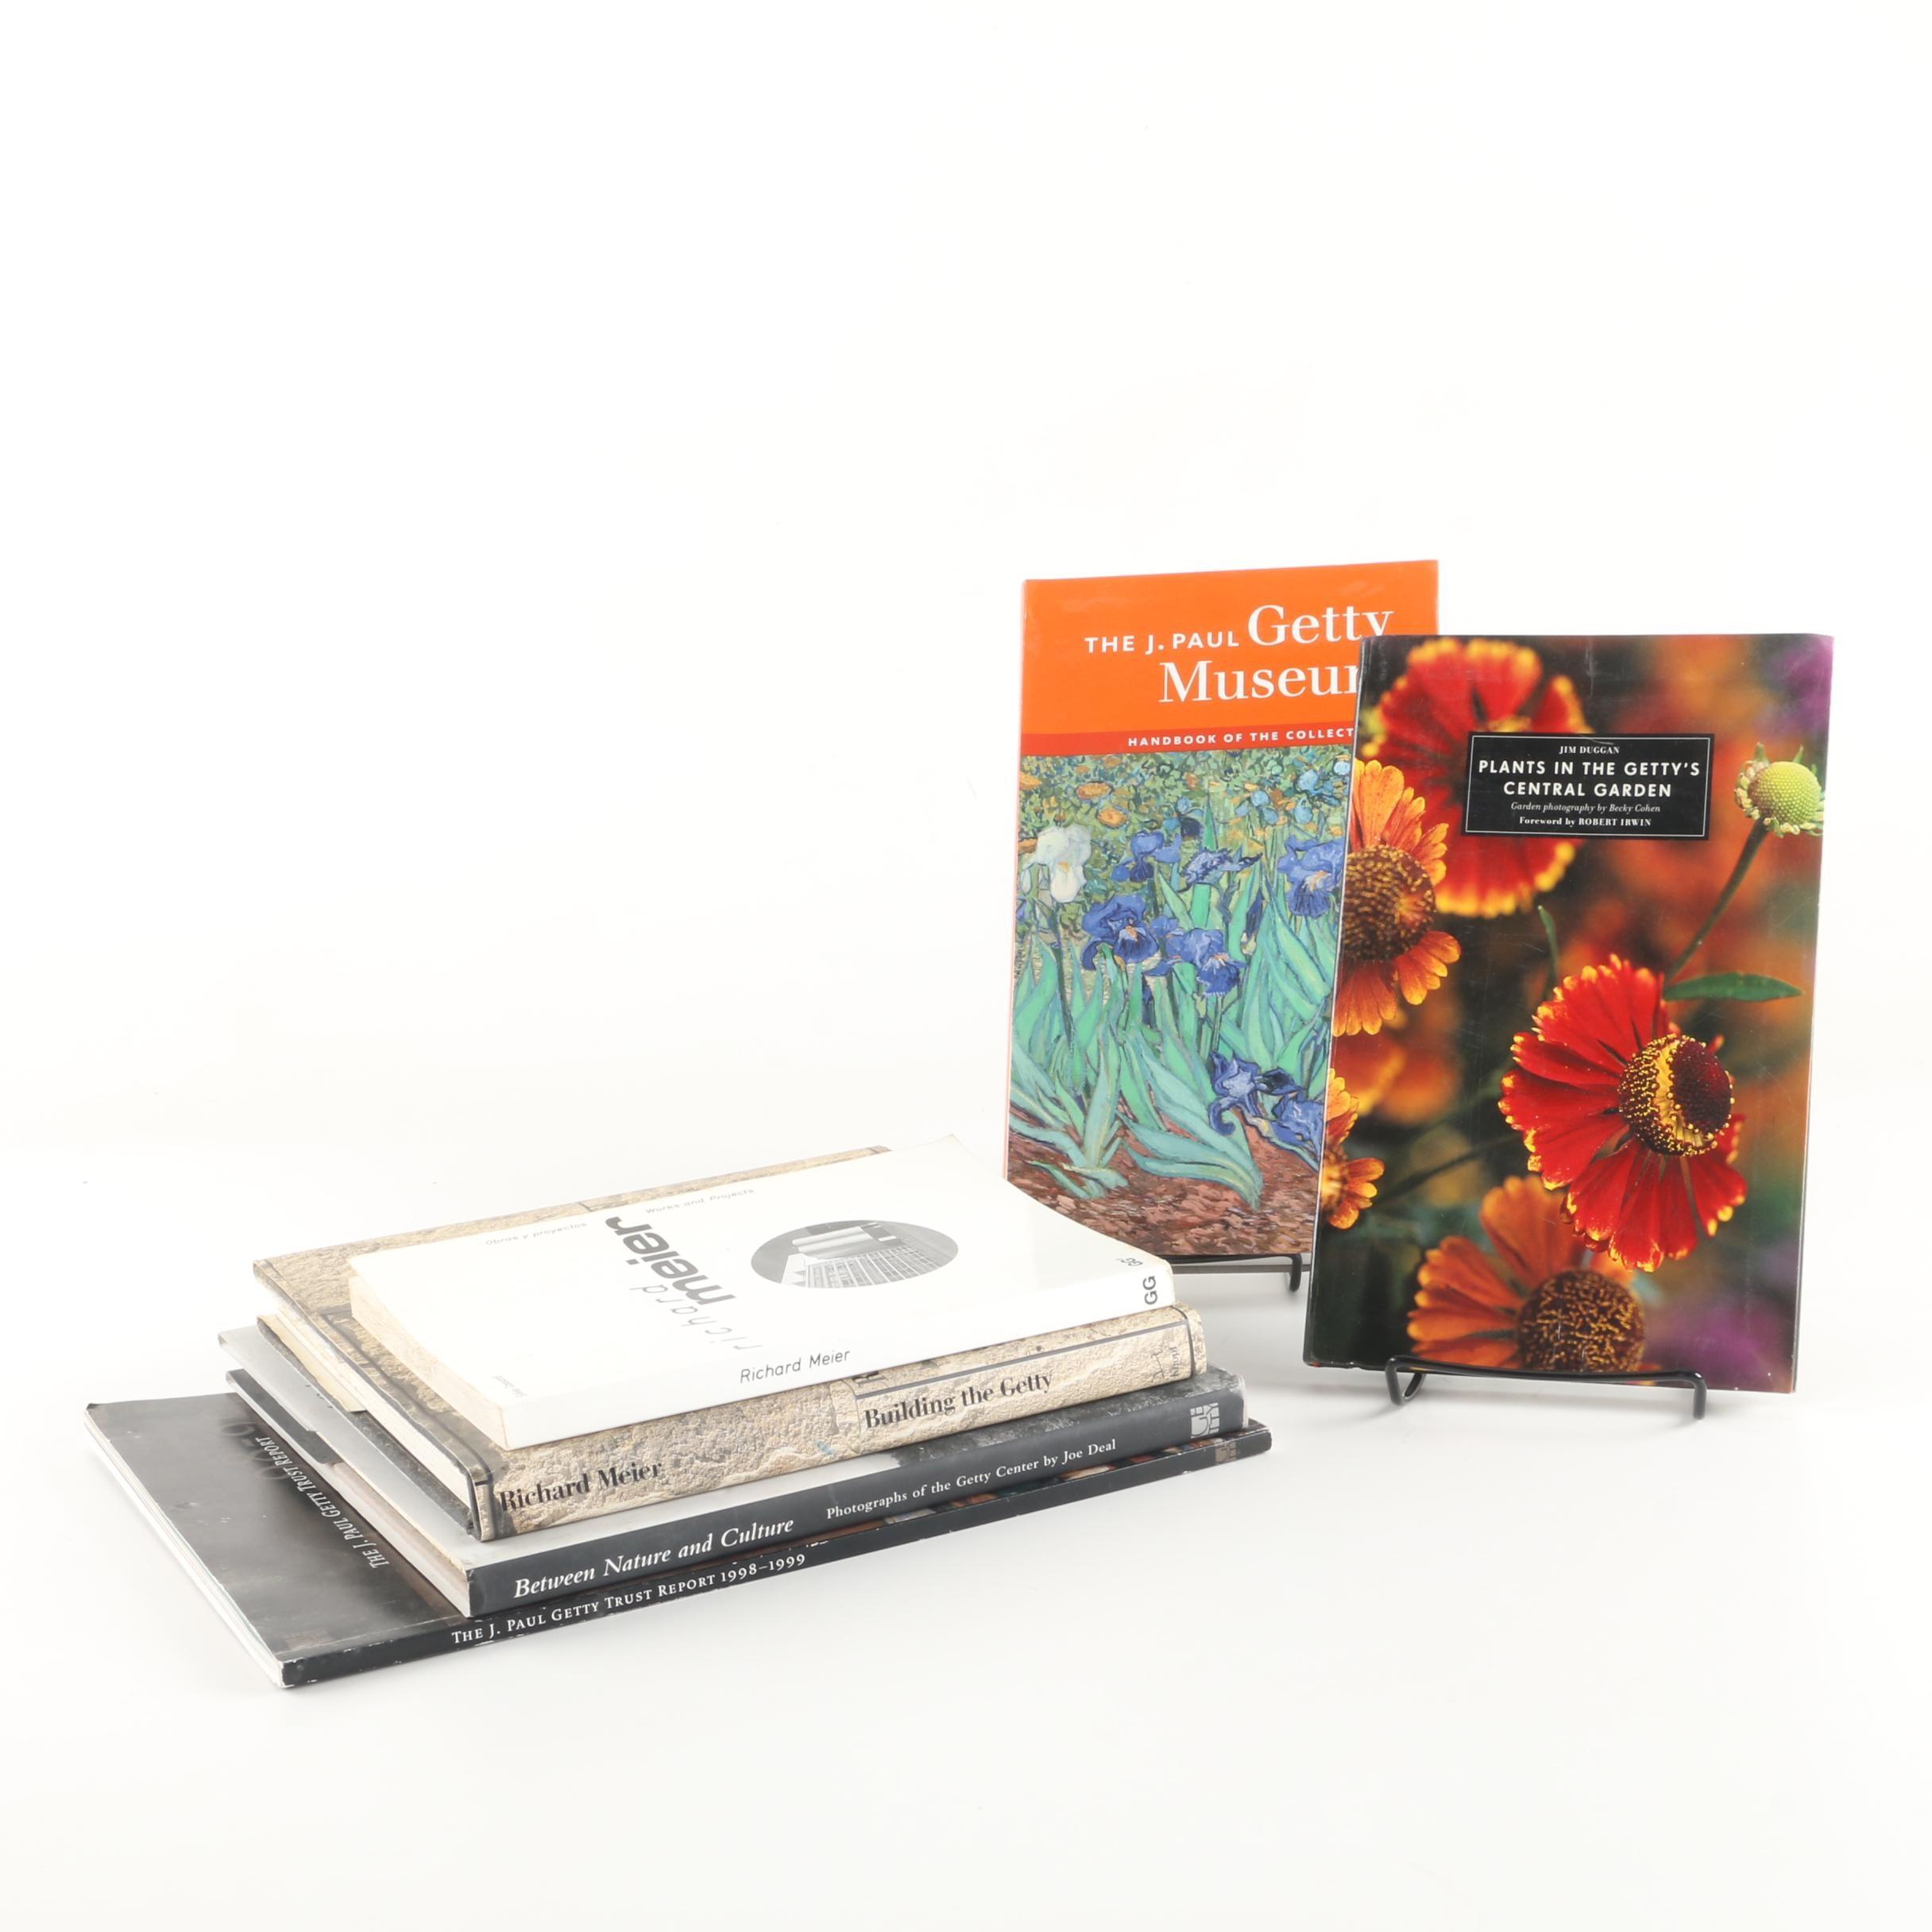 Getty Central Garden Book Collection